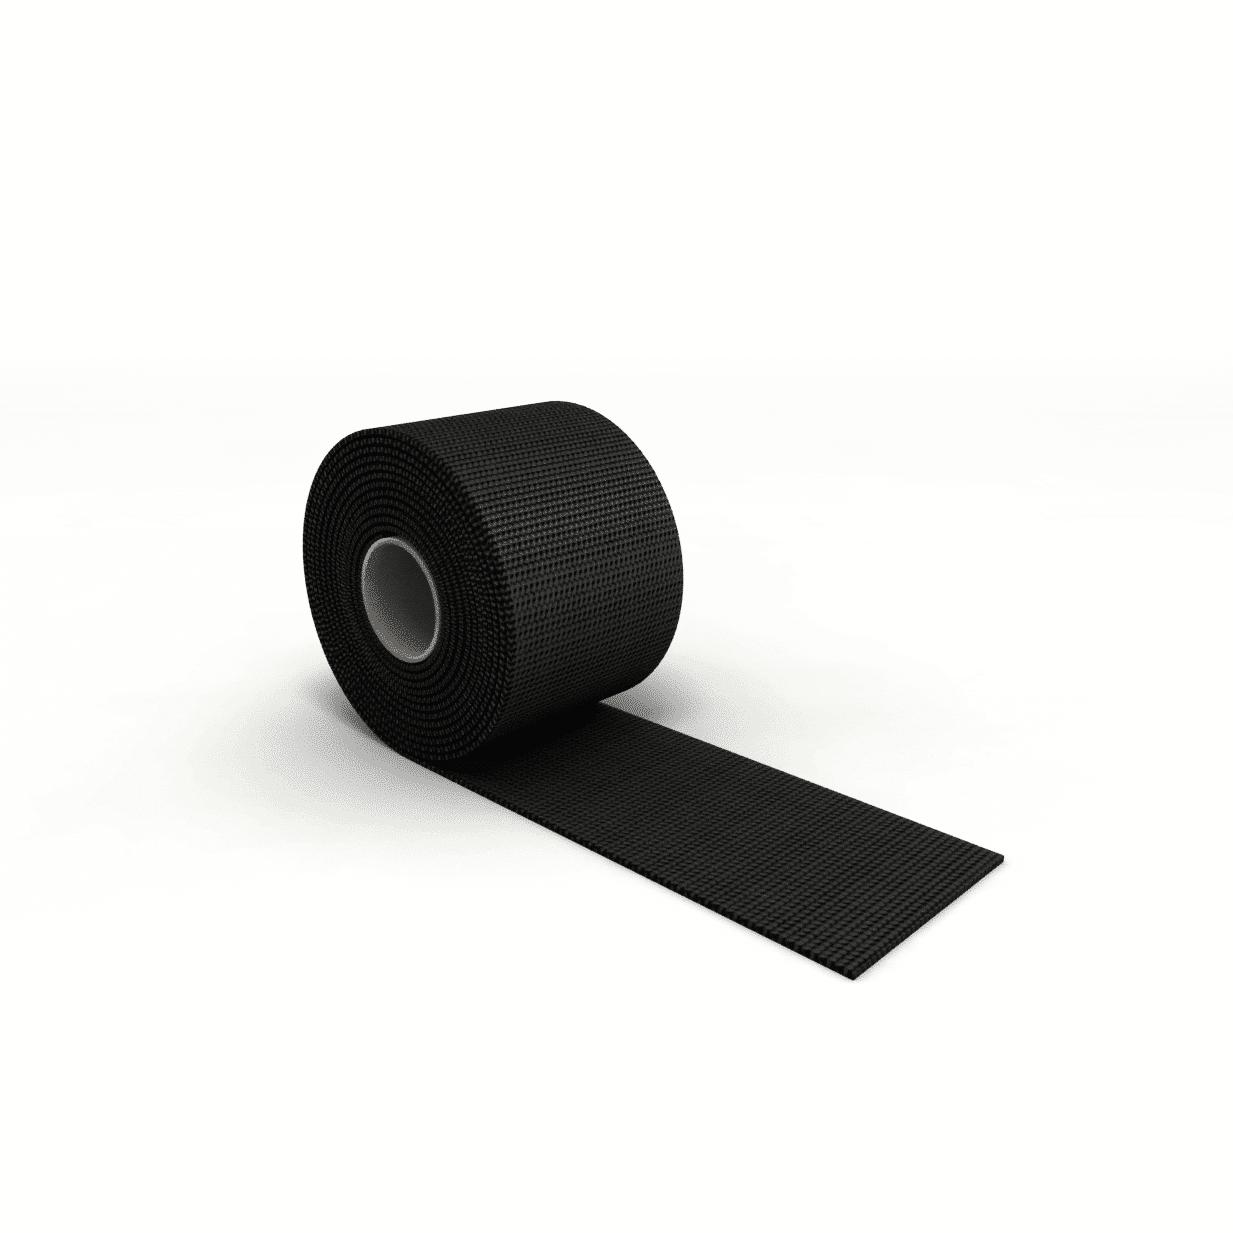 Gurtband für Rodelsitz schwarz